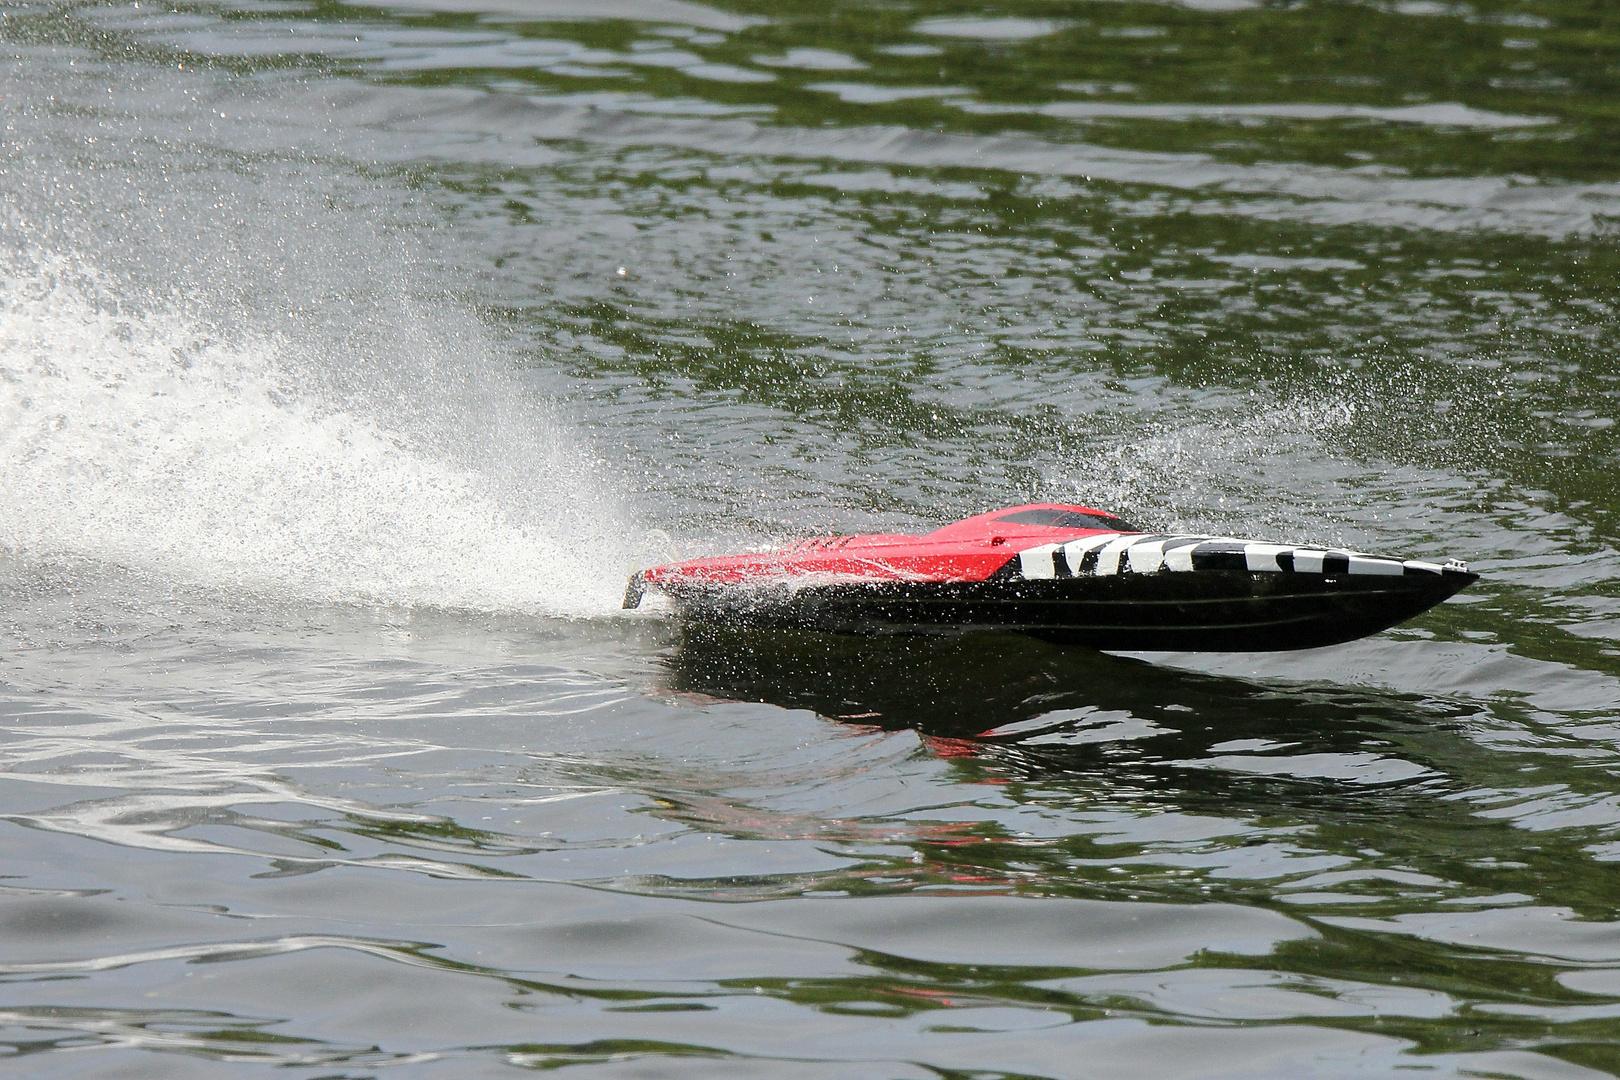 Modellbootregatta Dillingen 2018-3